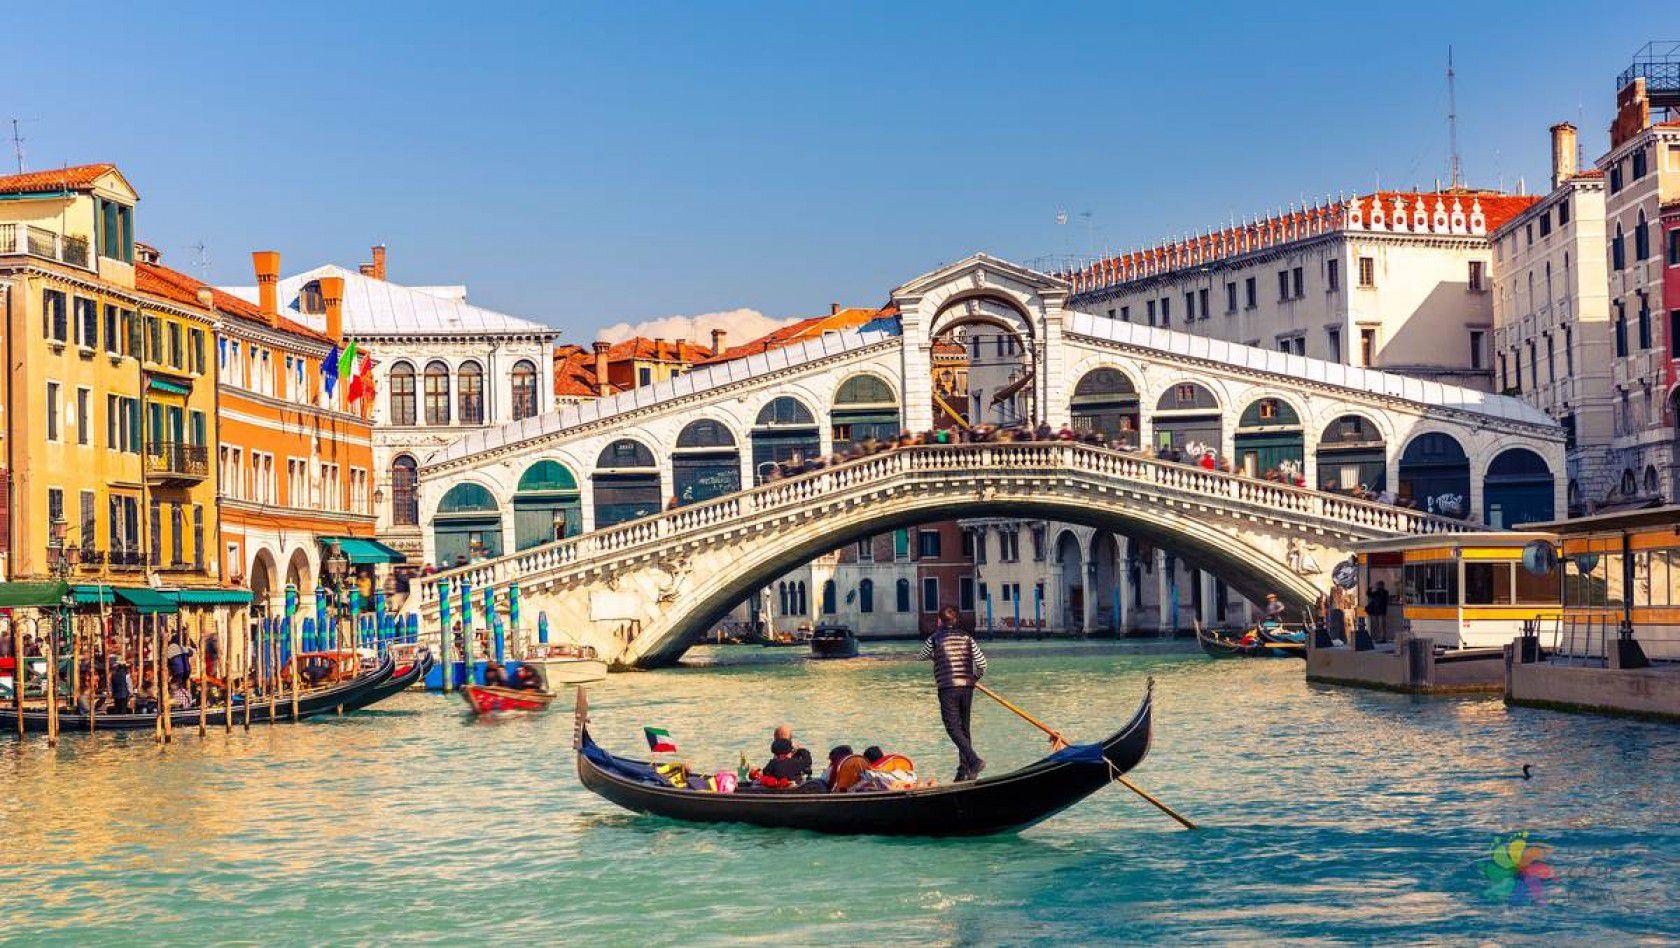 İtalya'da Okuyabileceğiniz En Popüler Bölümler